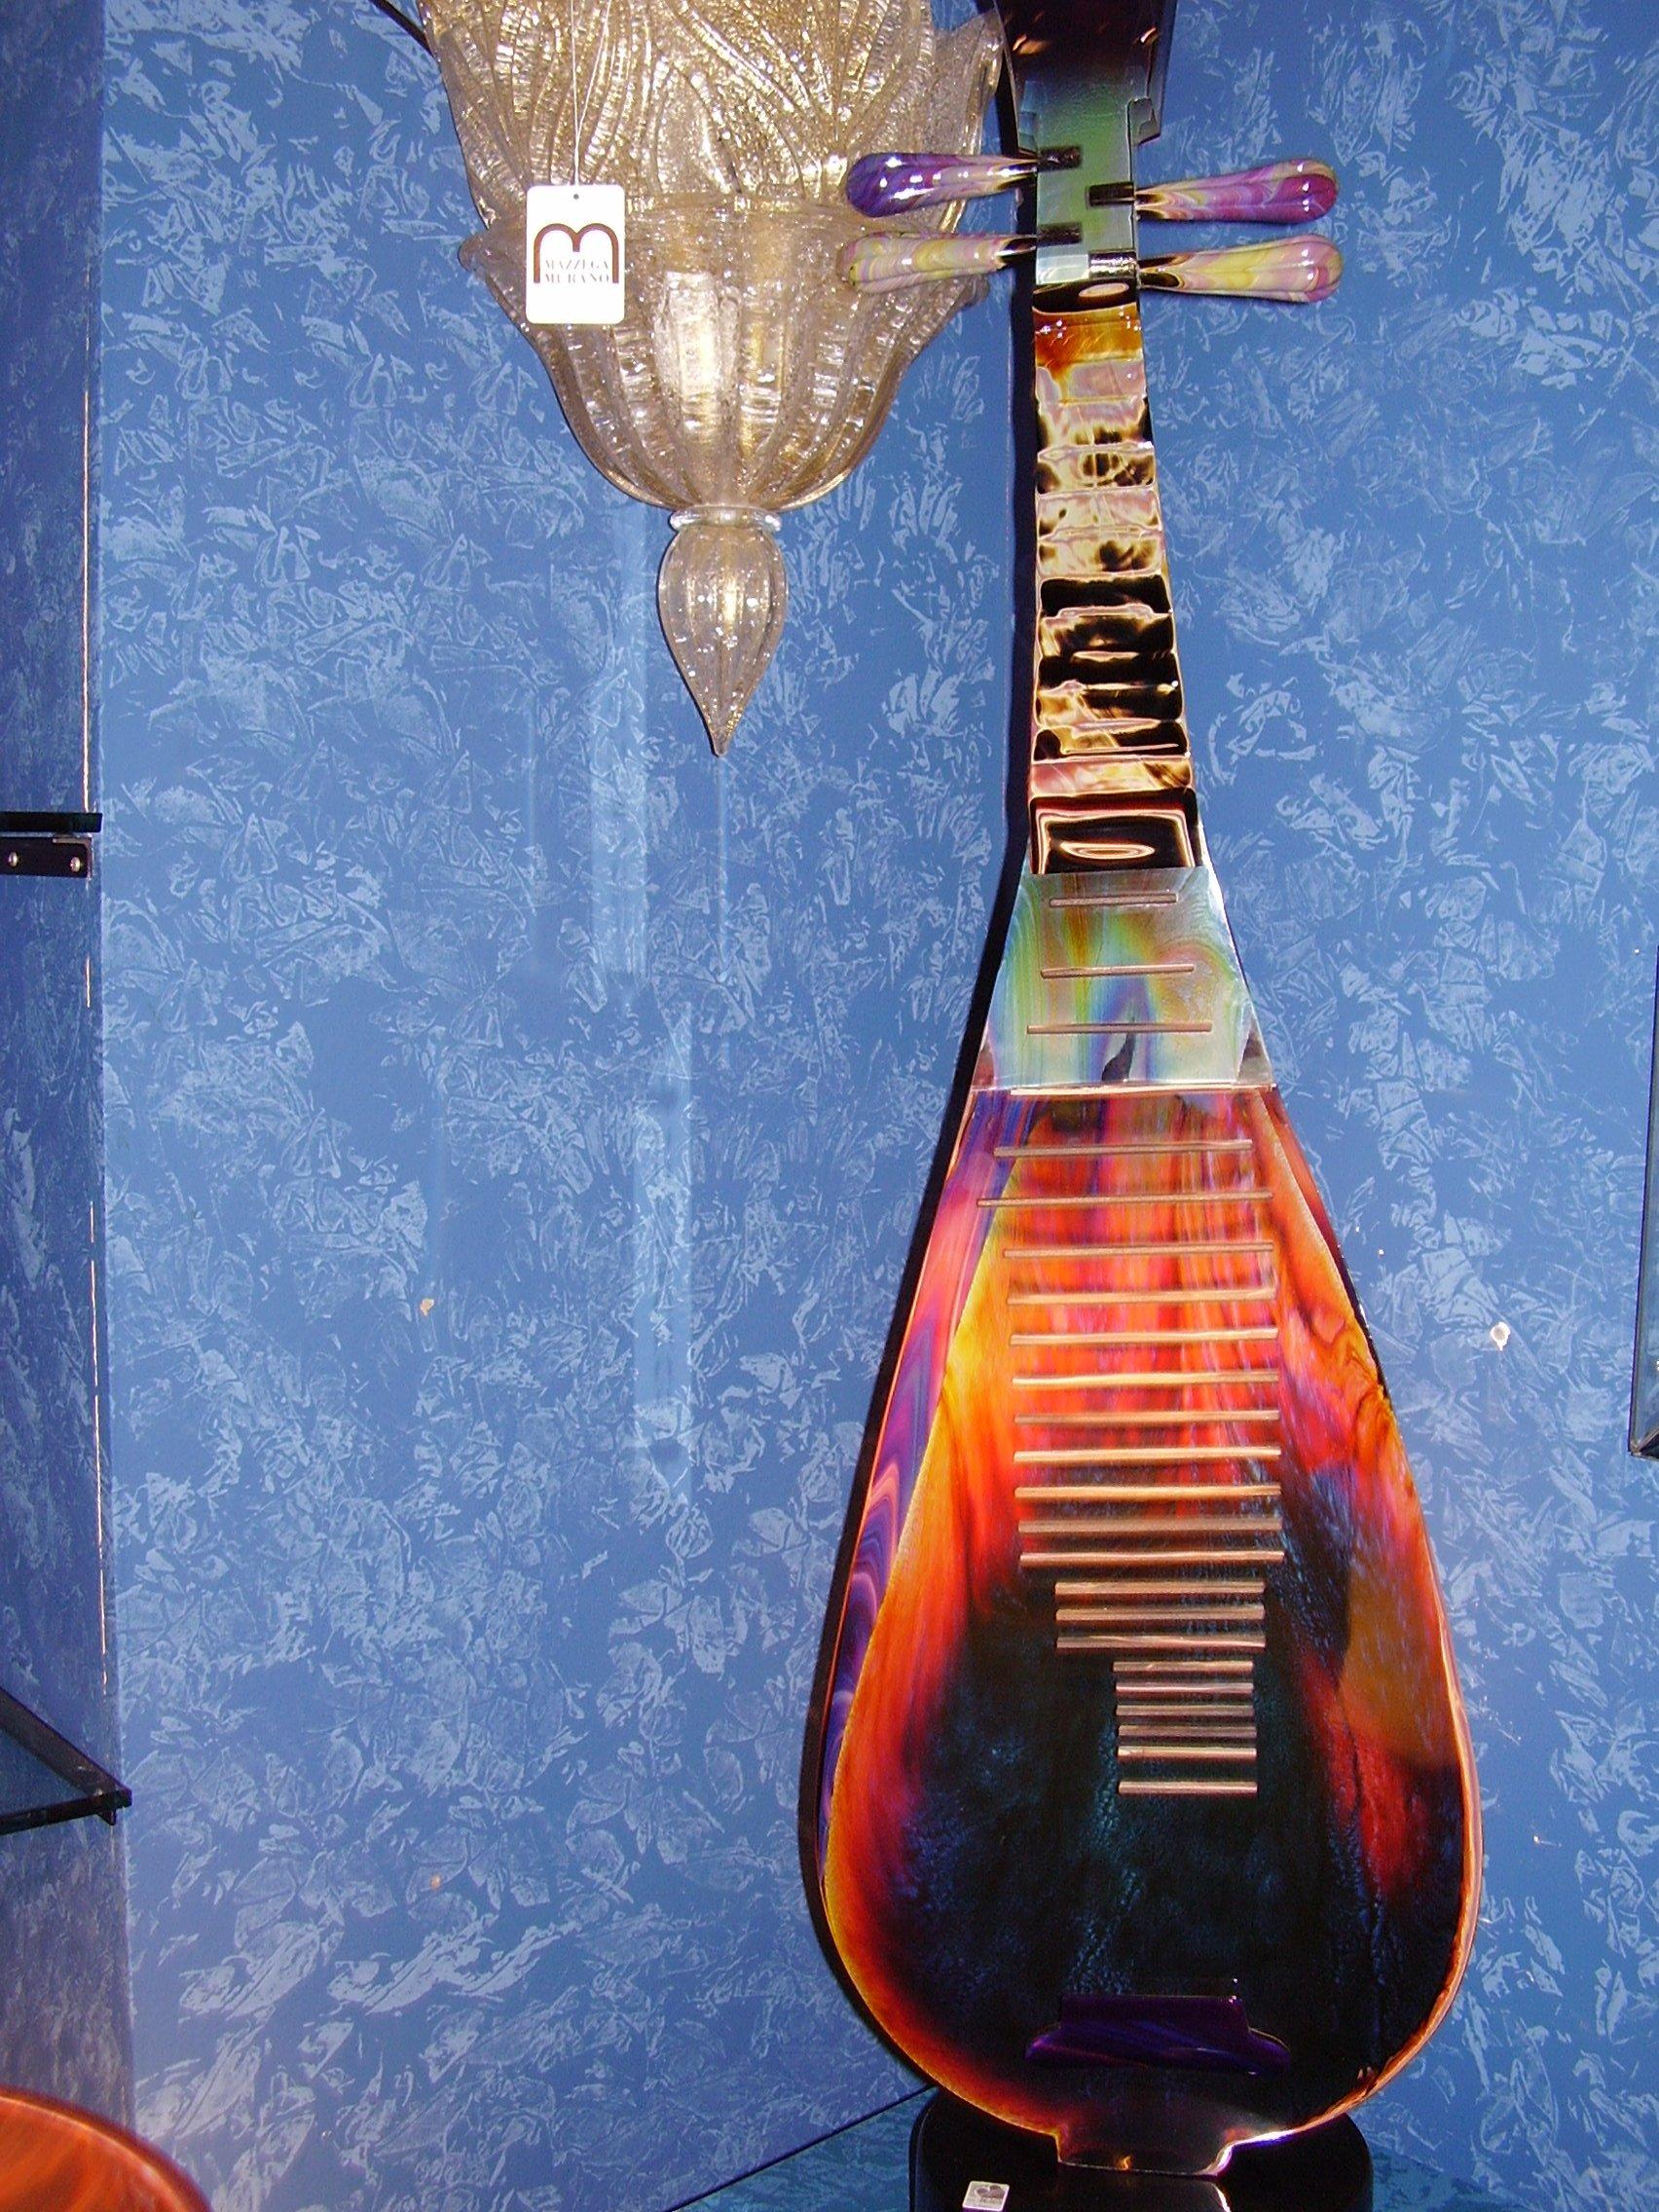 Музикален стъклен инструмент - Венеция - Мурано